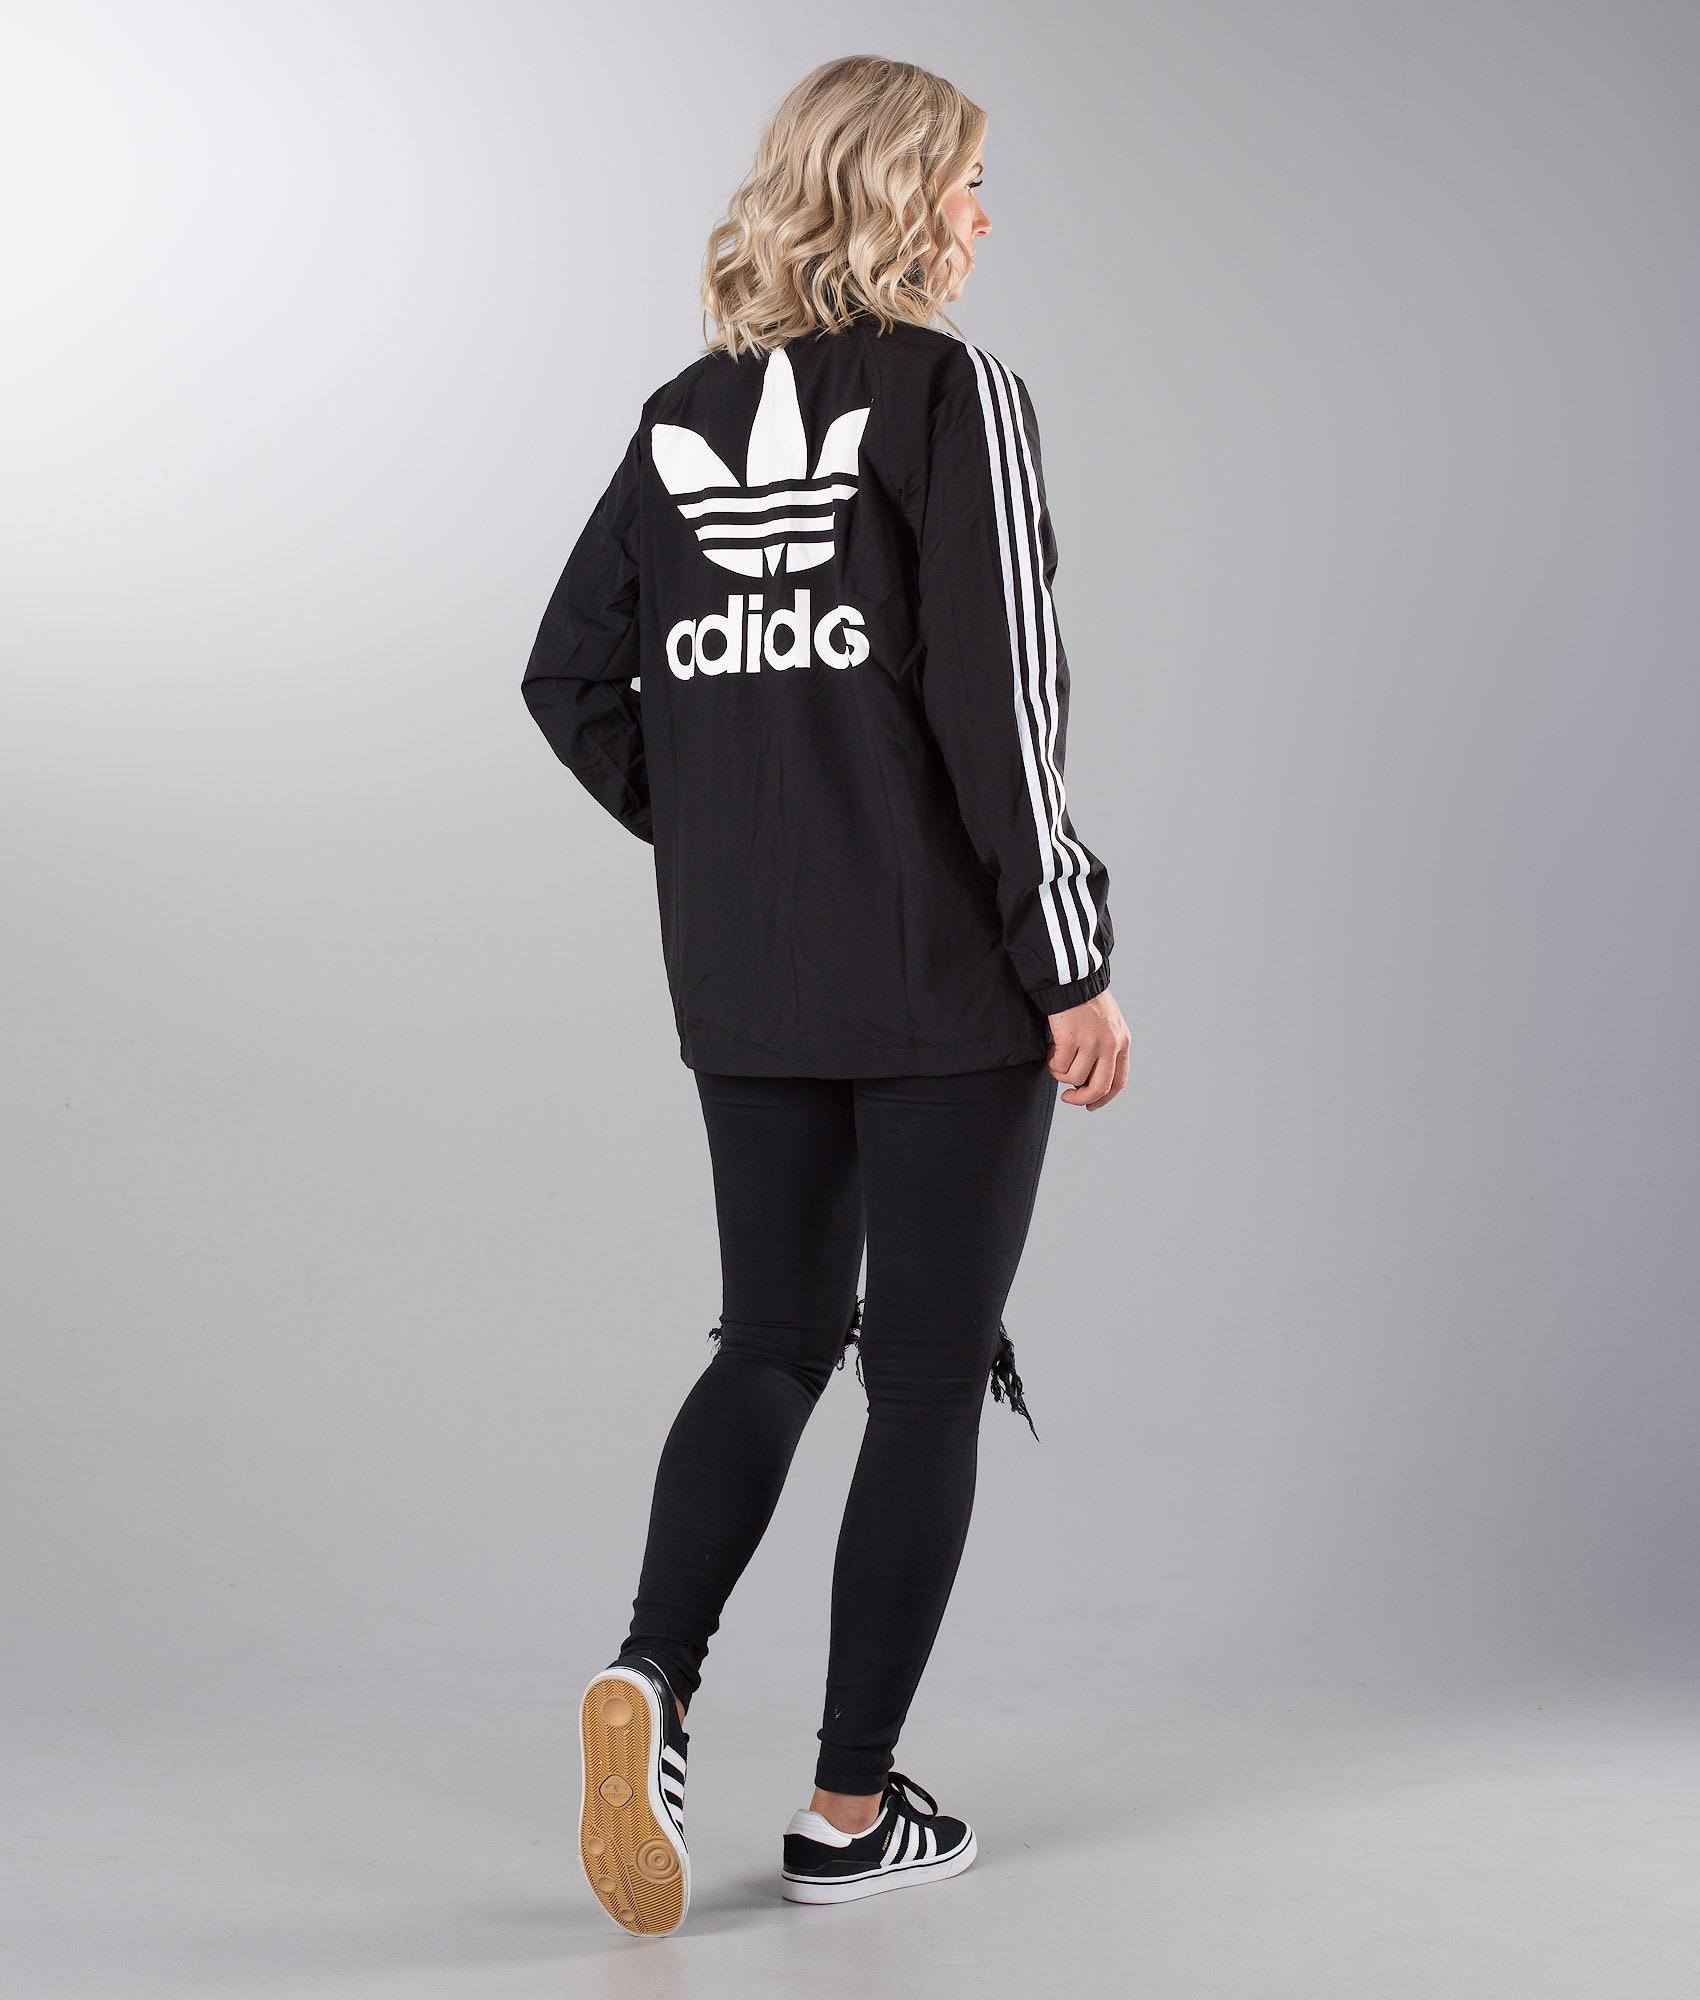 Adidas Originals Stadium Giacca Black - Ridestore.it 4cb716cc8139